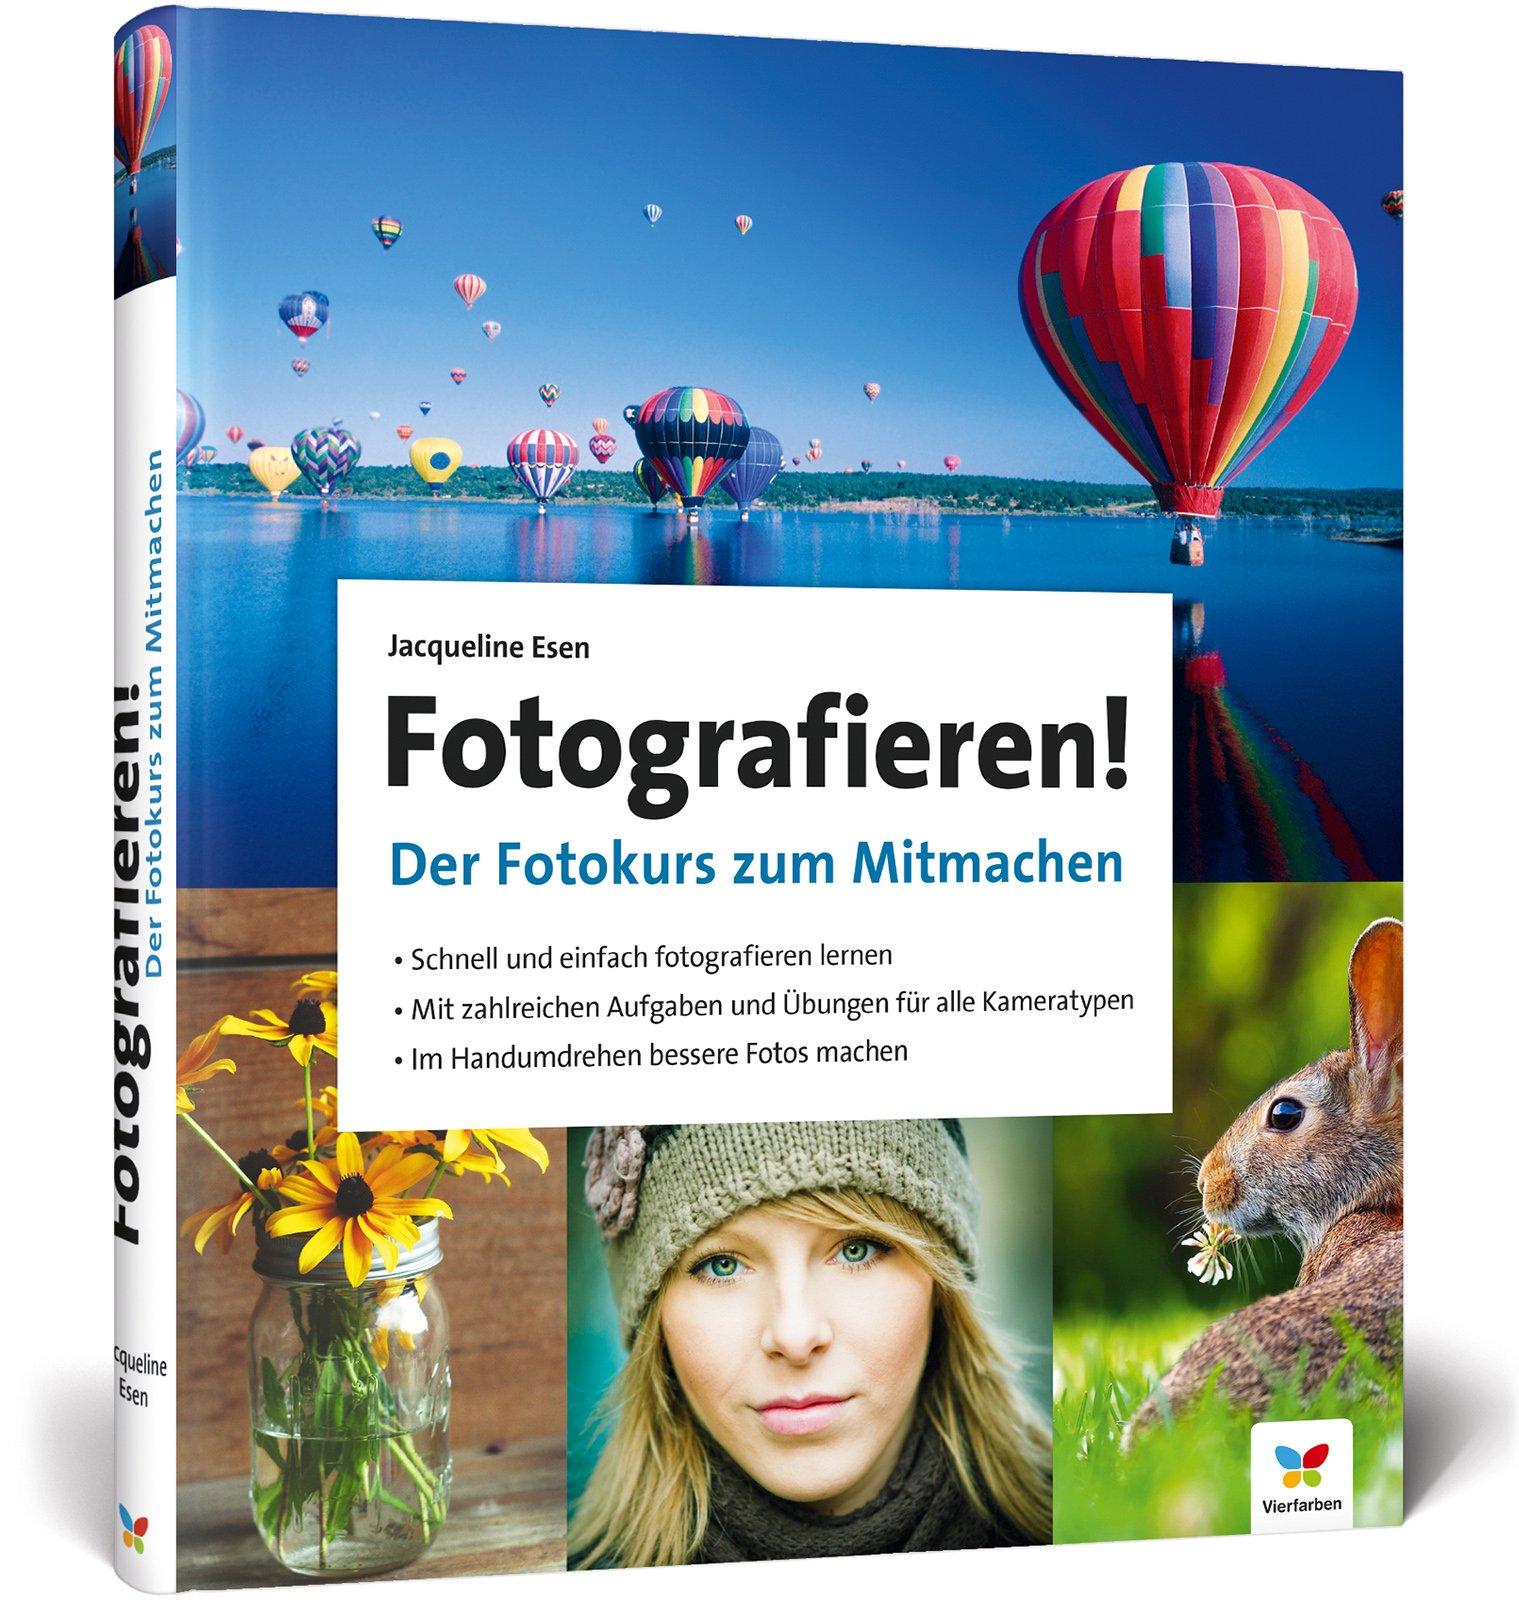 Fotografieren!: Der Fotokurs zum Mitmachen